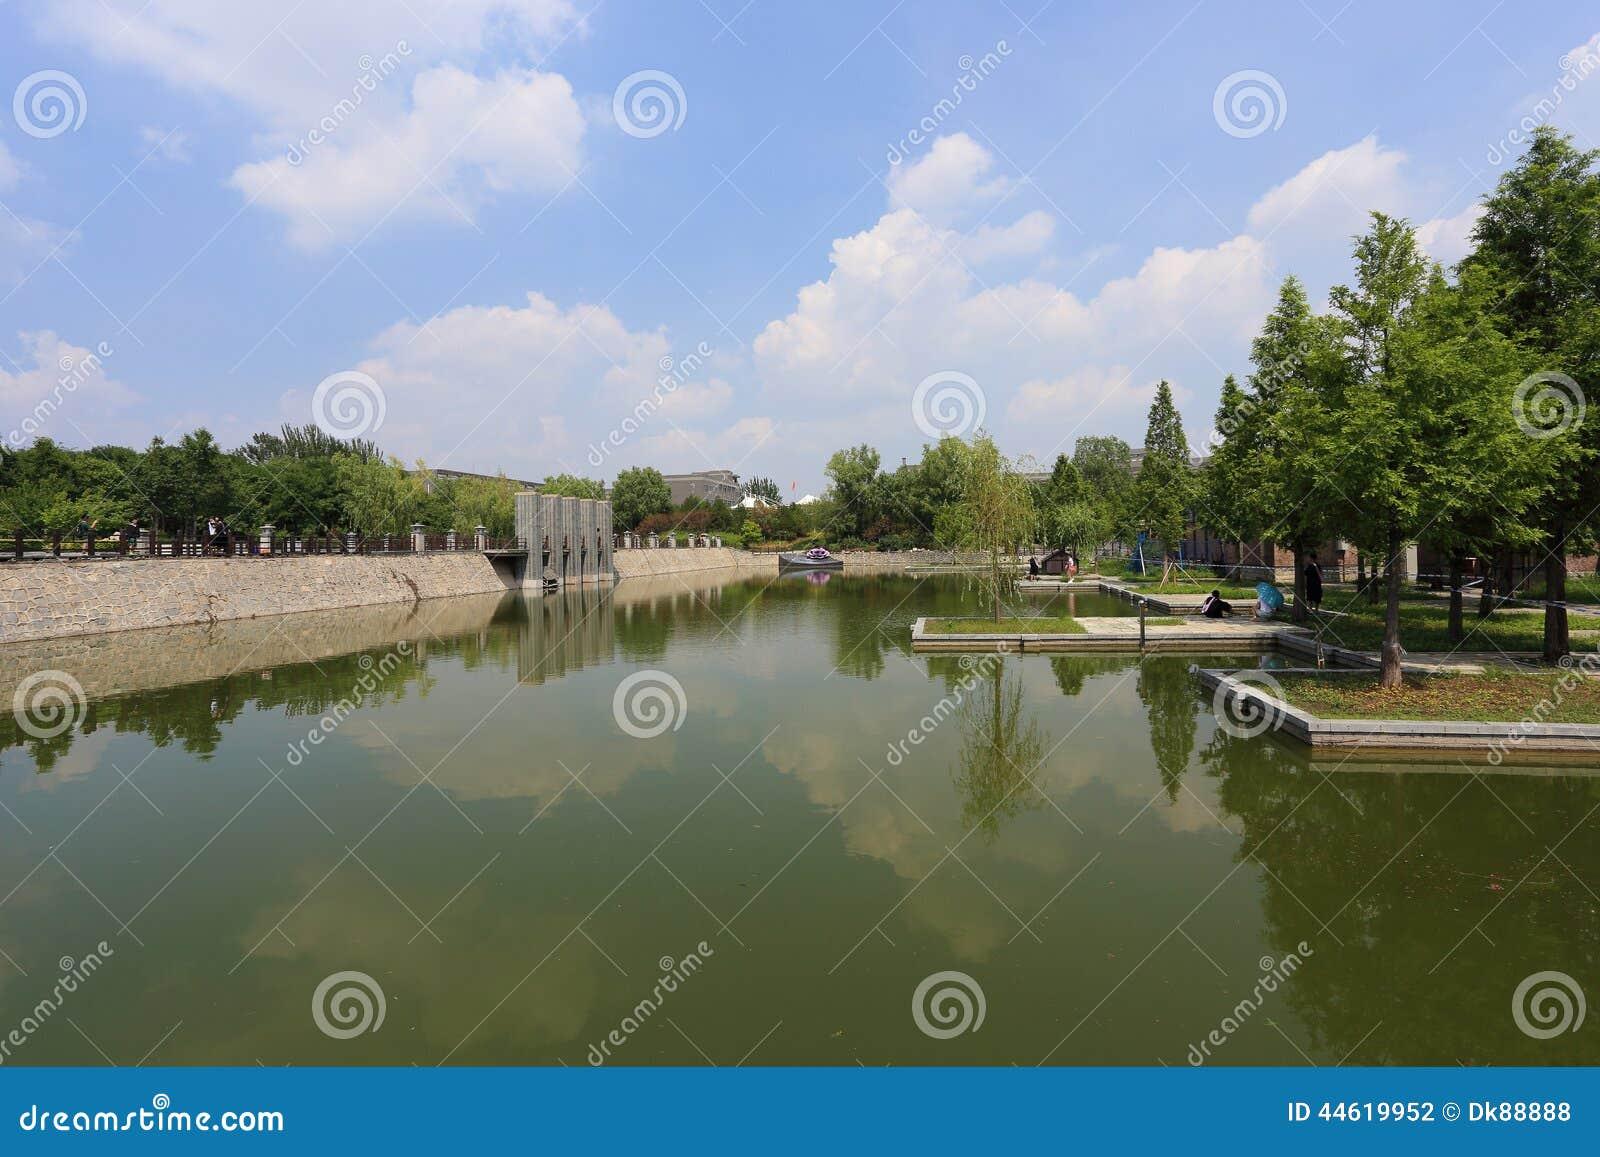 Stedelijk moerasland